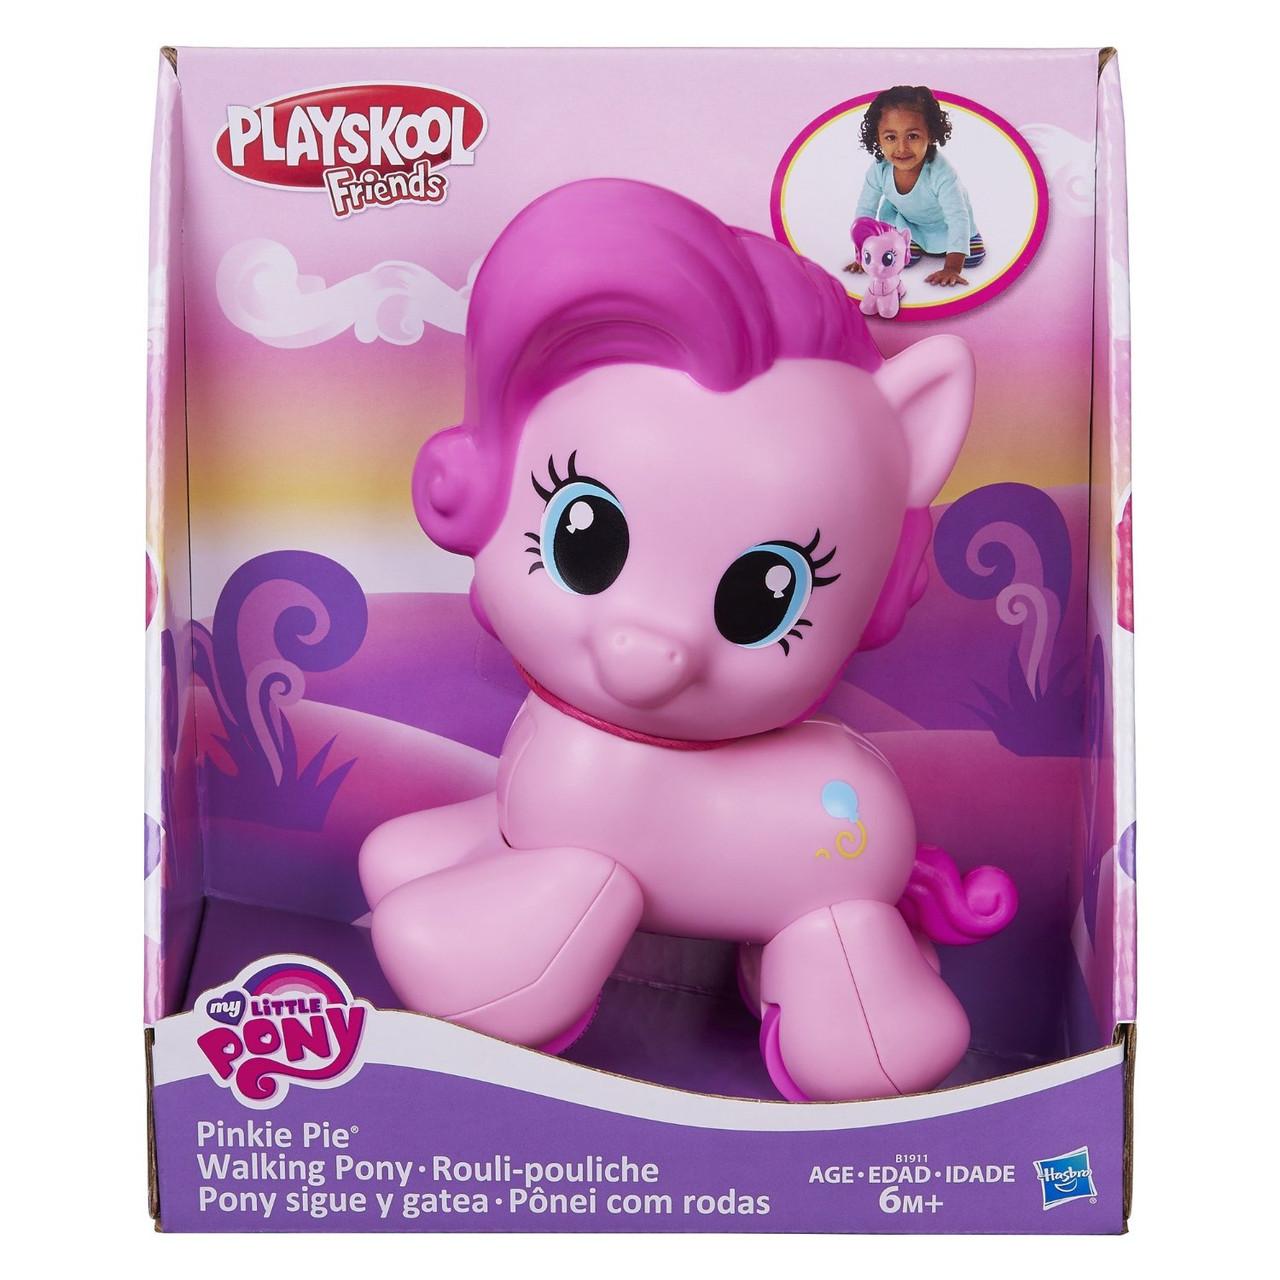 Май Литл Пони Пинки Пай для малышей  My Little Pony